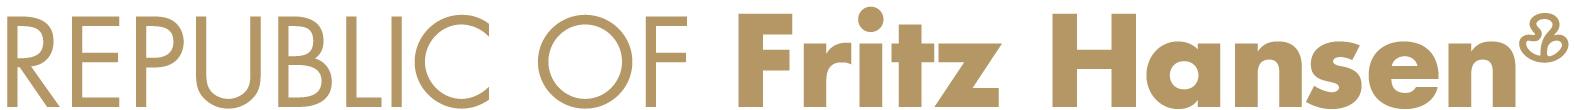 Republic_of_Fritz_Hansen_logo_RGB.jpg